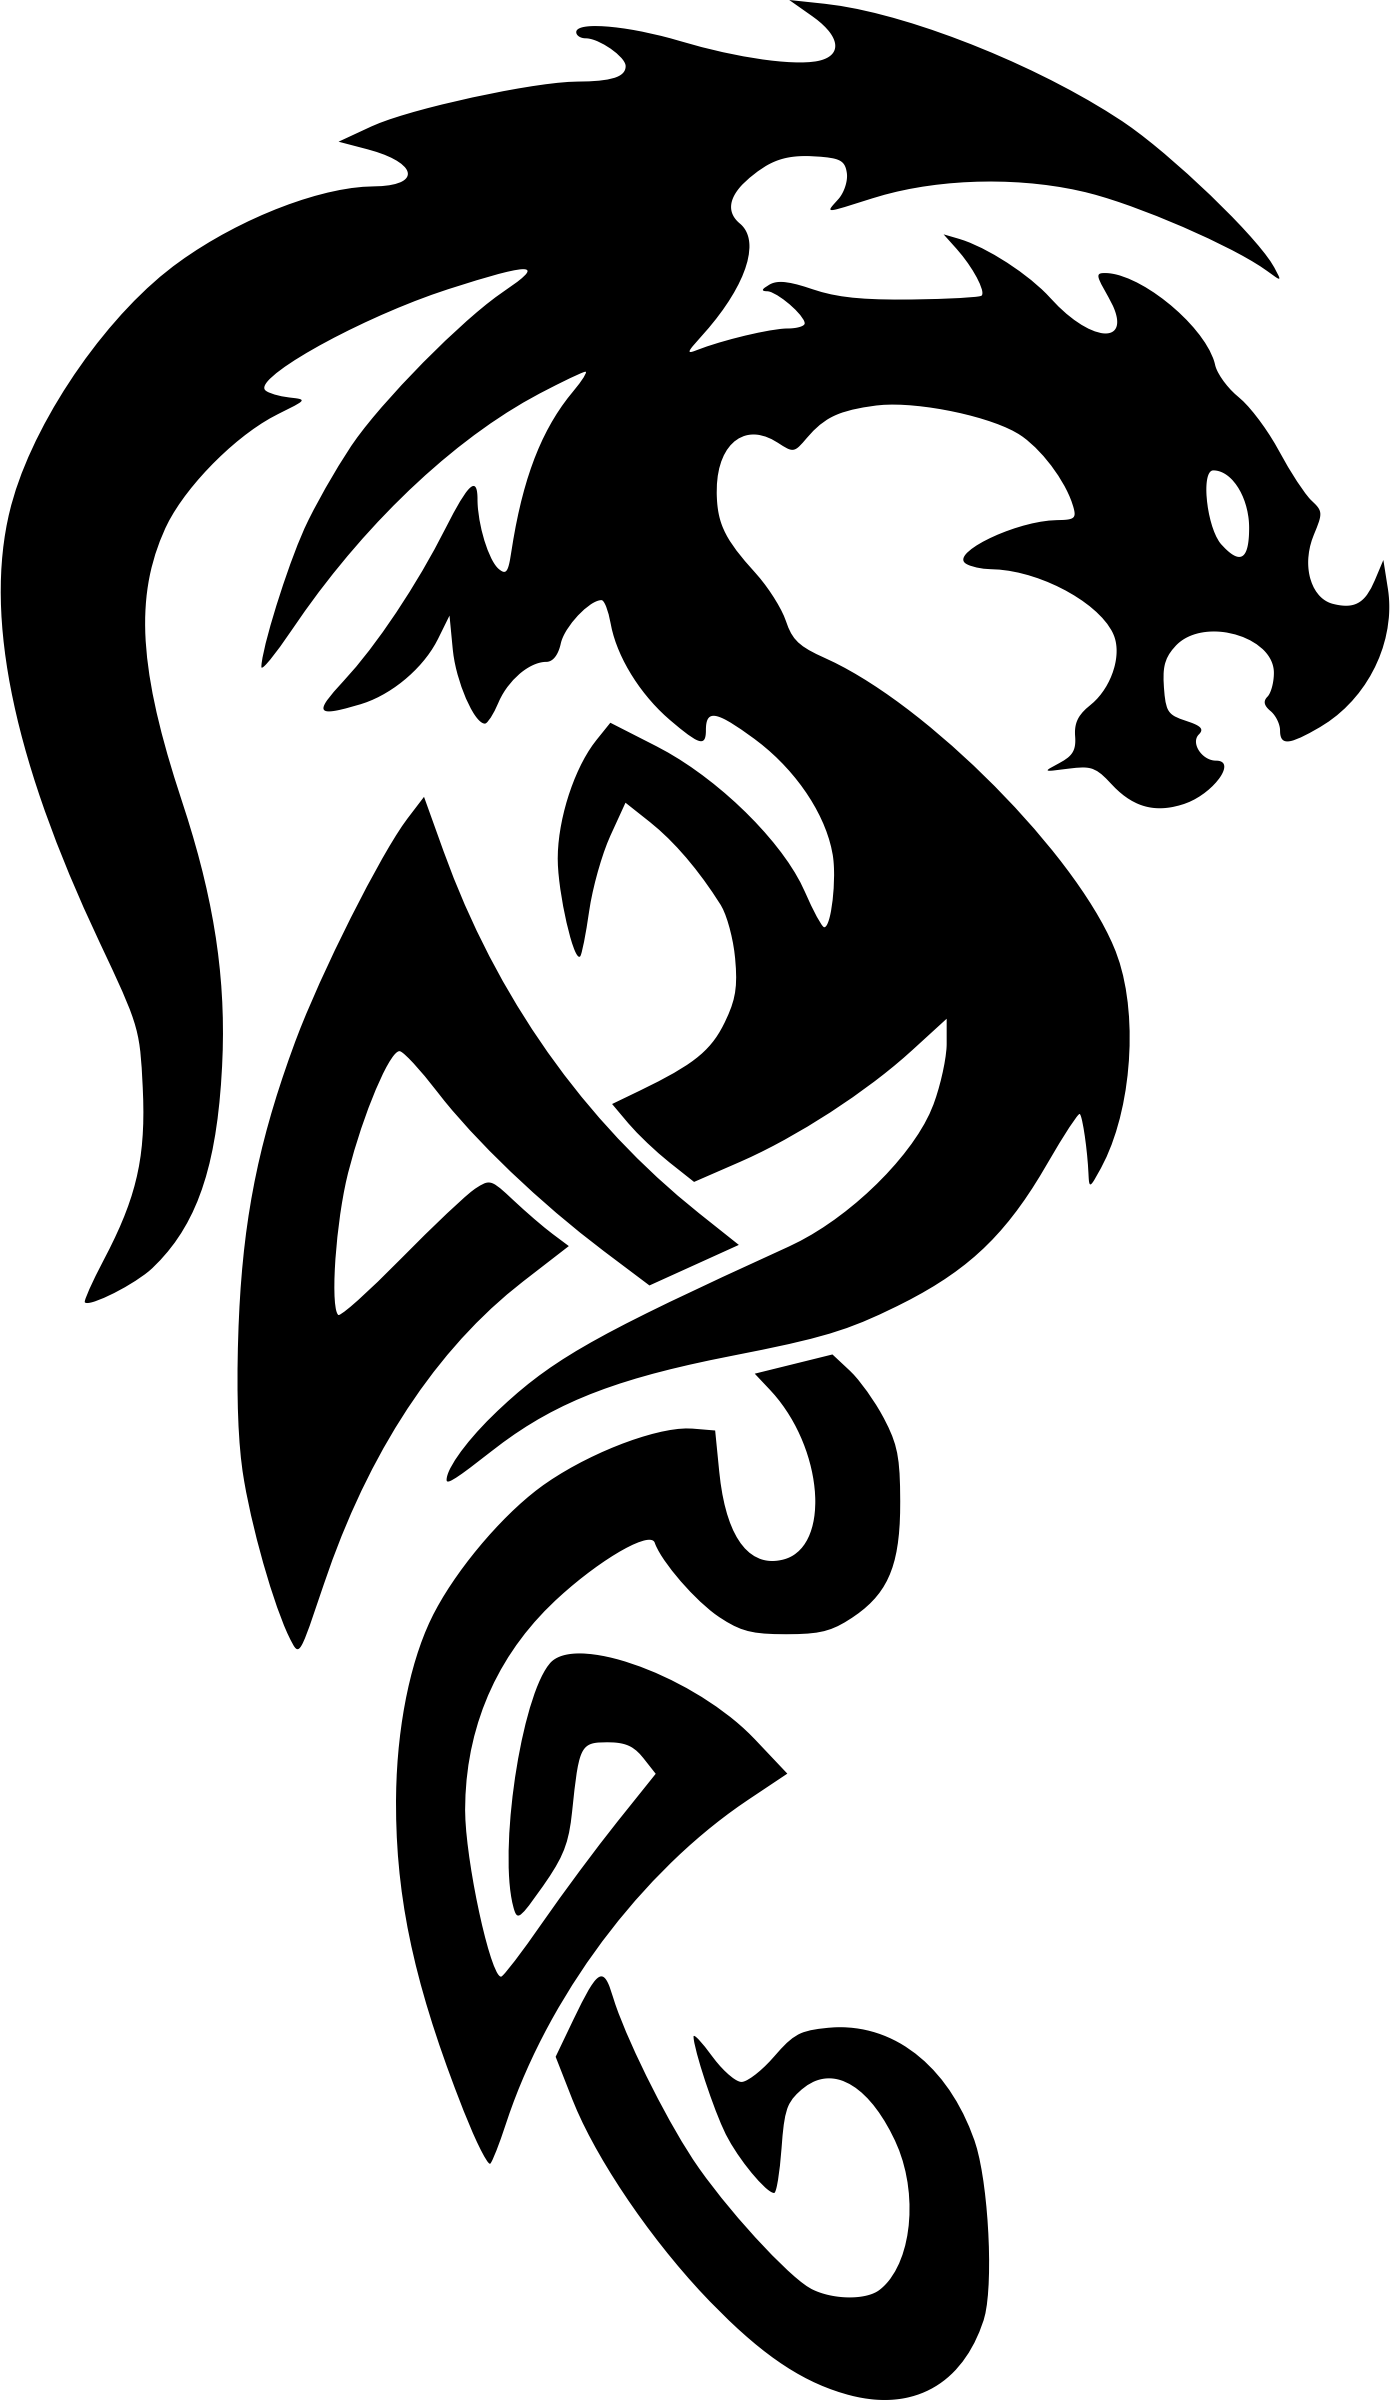 Dragon clipart dragon symbol. Big image png